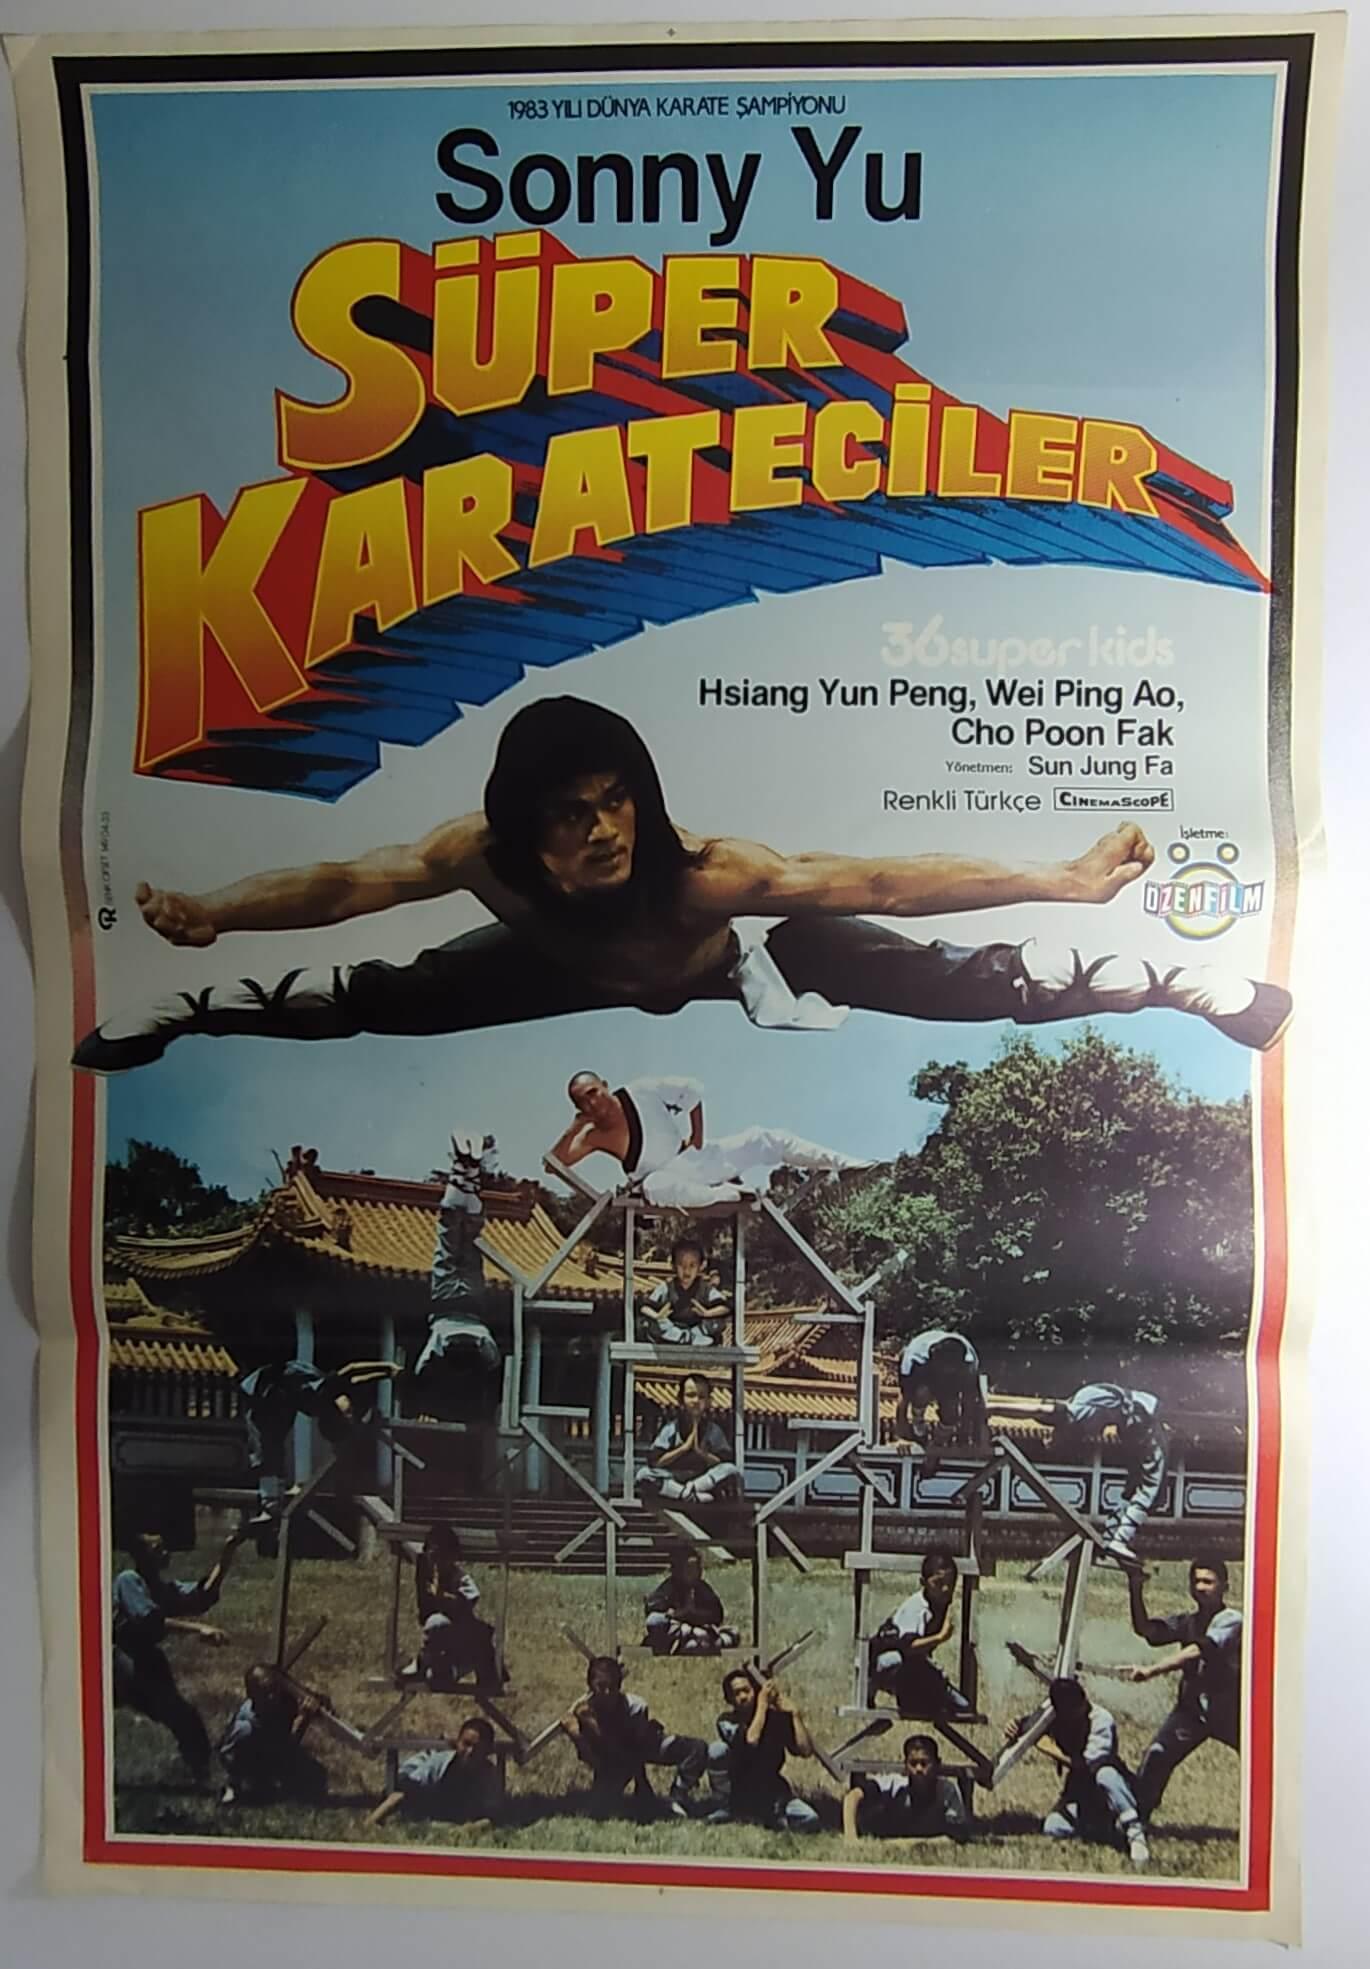 36 SUPER KIDS movie poster